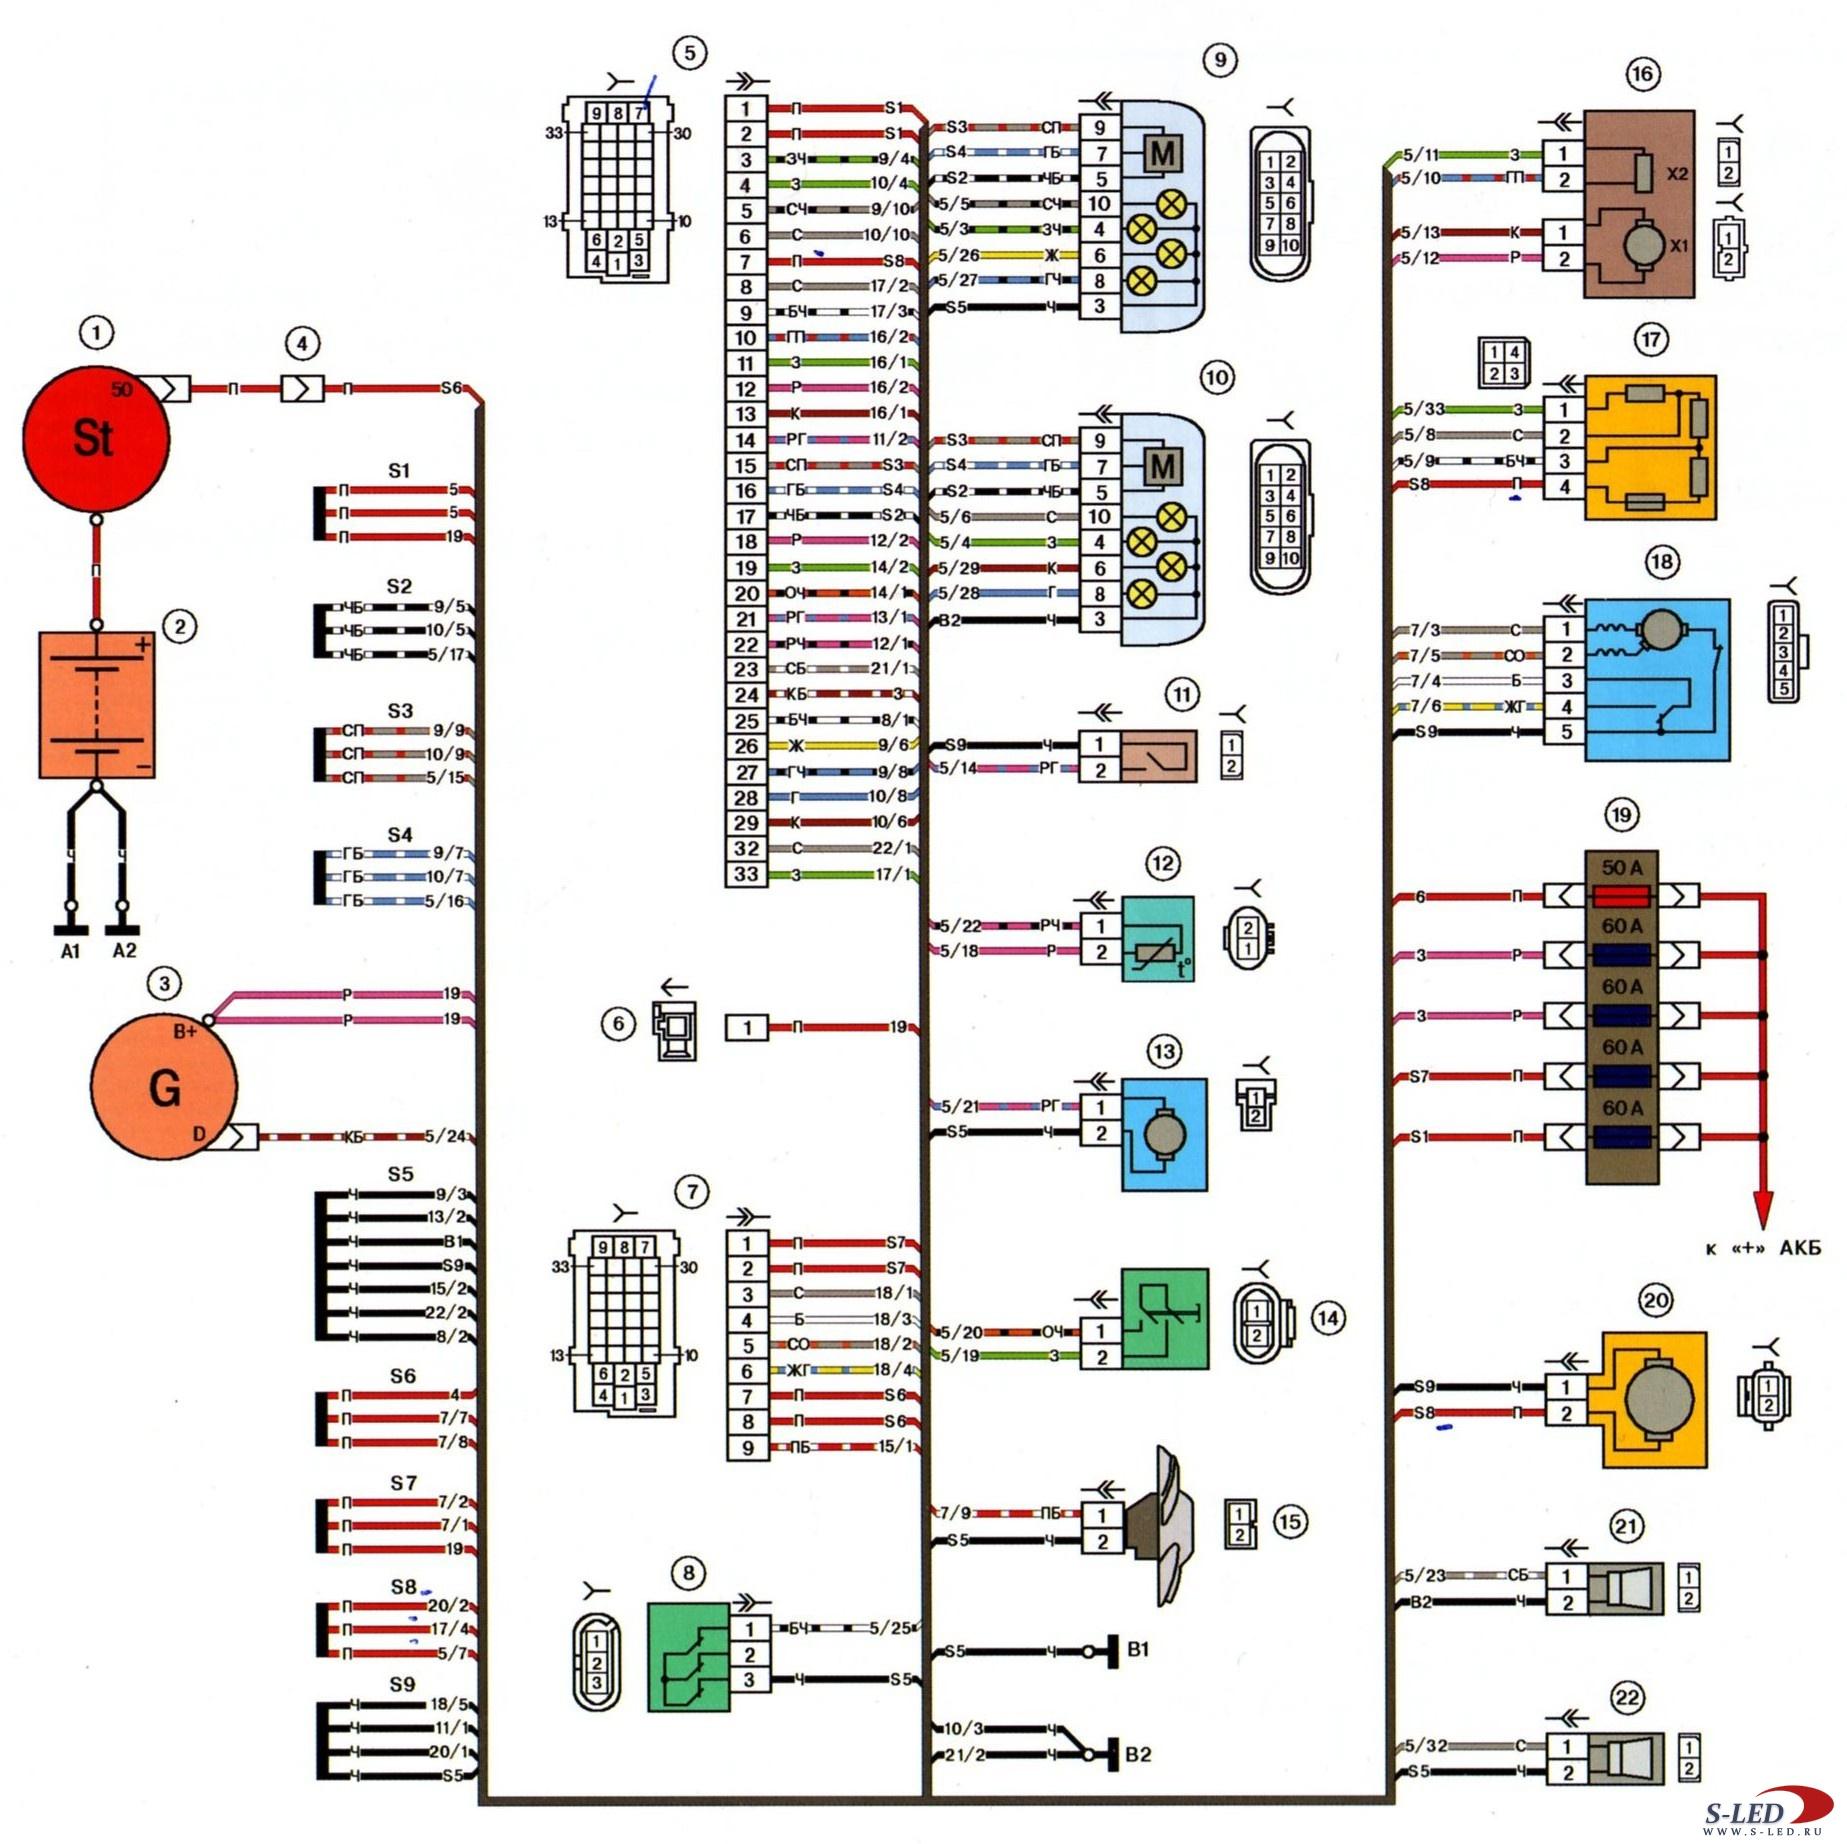 индикатор бортовой сети авто схема простая